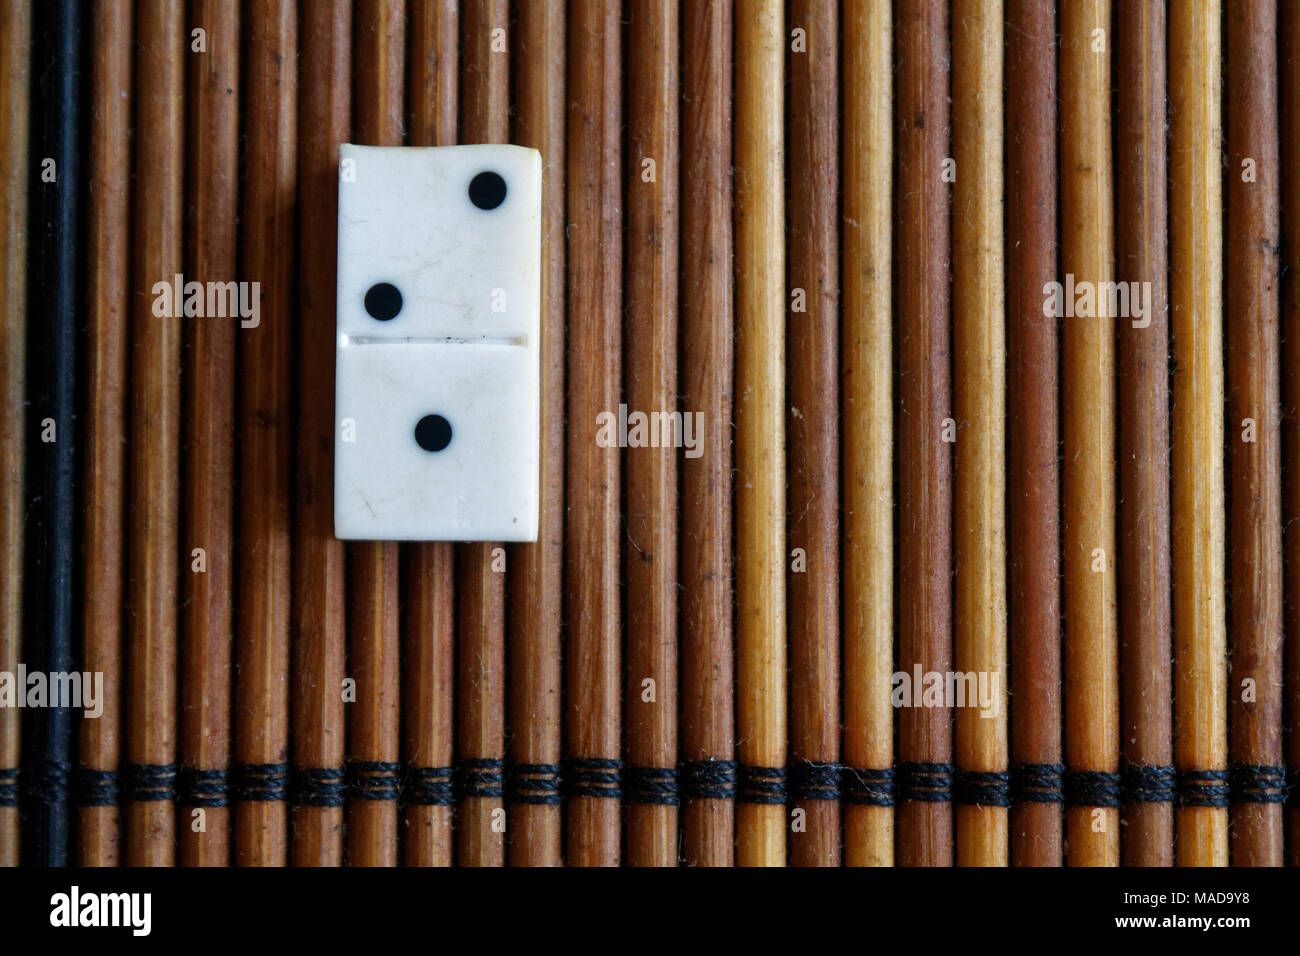 Domino Stück auf dem Bambus braun Holztisch Hintergrund. Domino Set ...